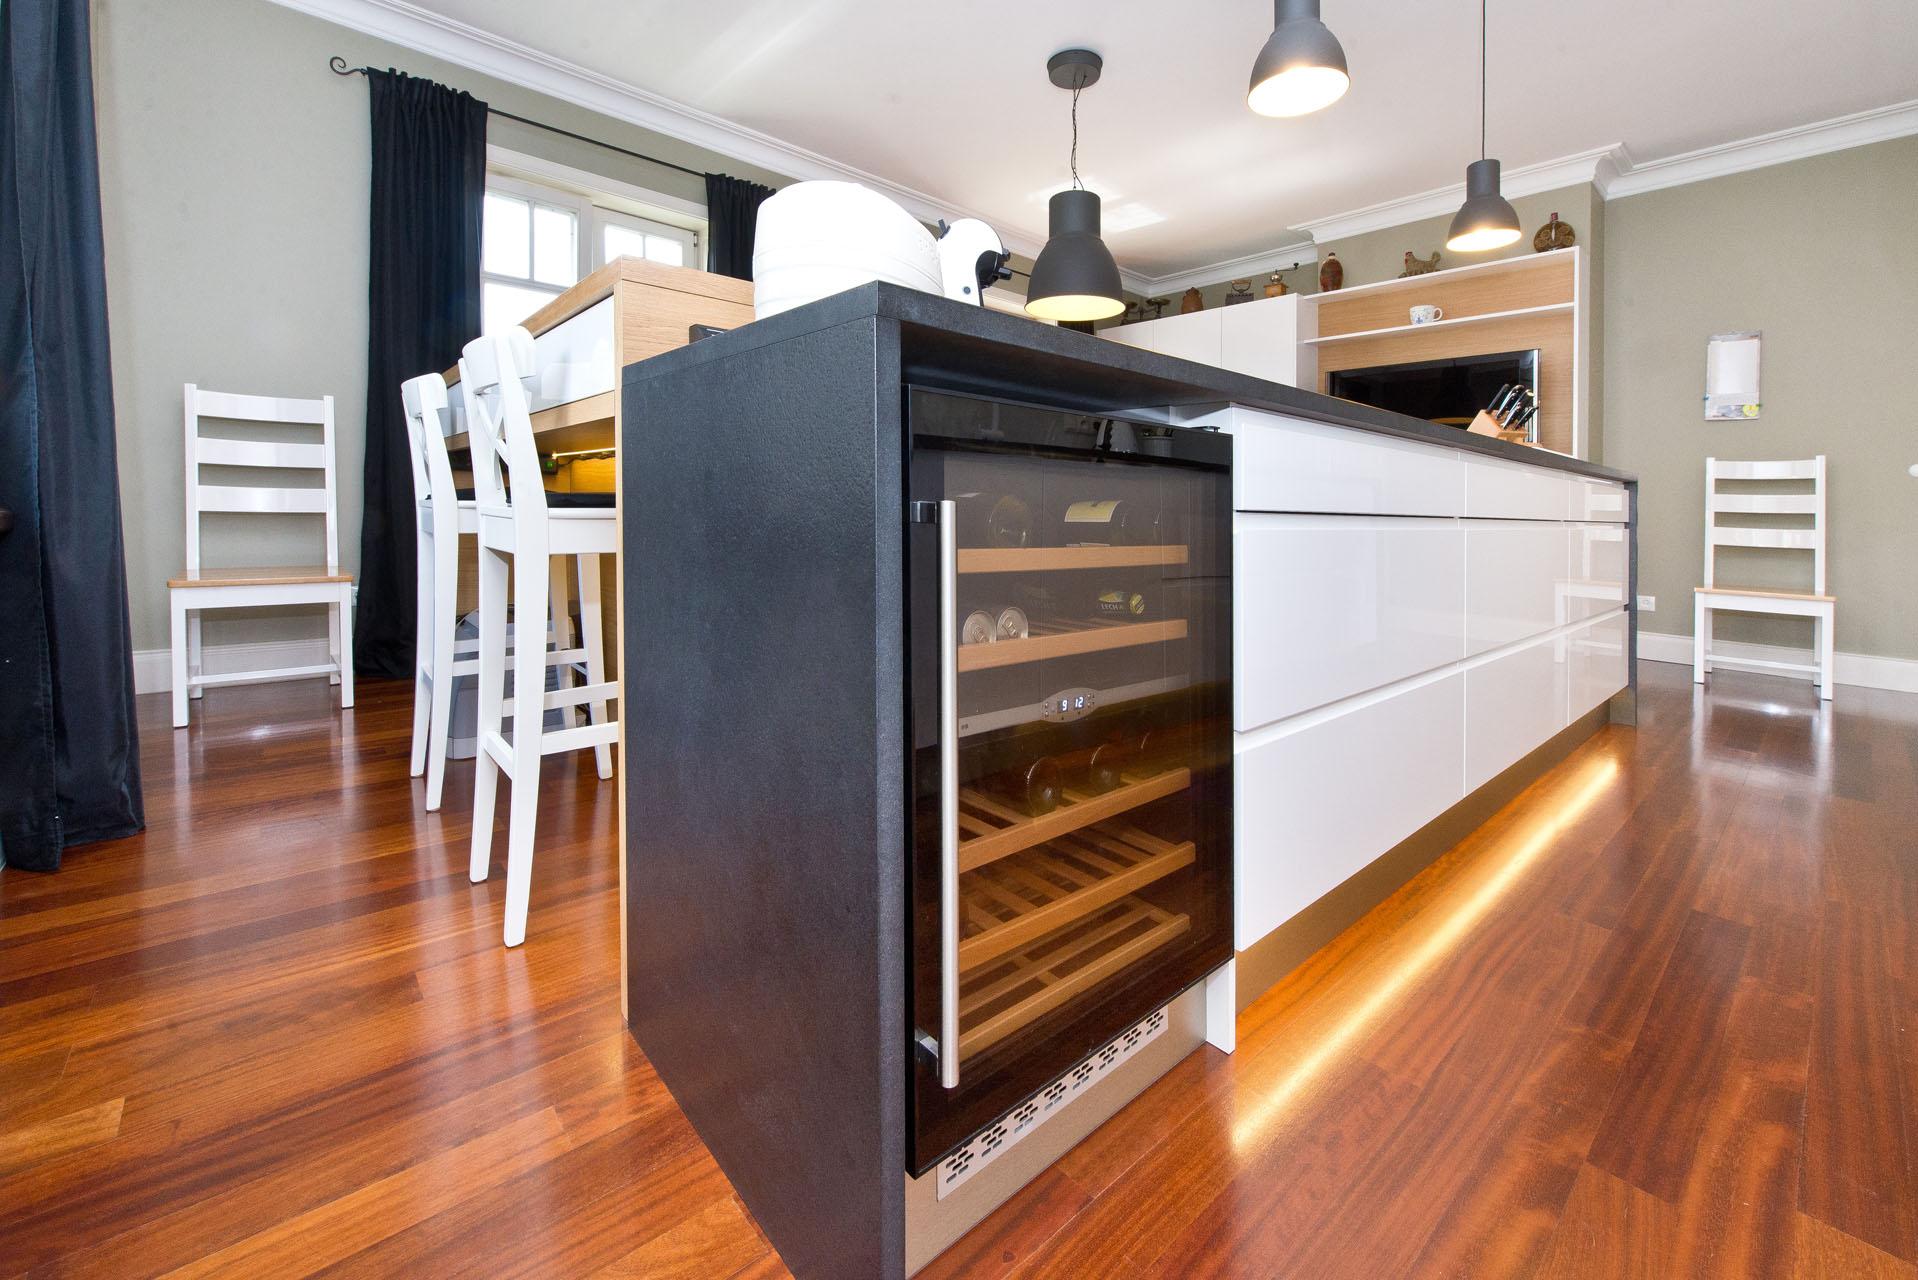 jak zaprojektowa� wyspę kuchenn� zobacz 5 sposob243w na